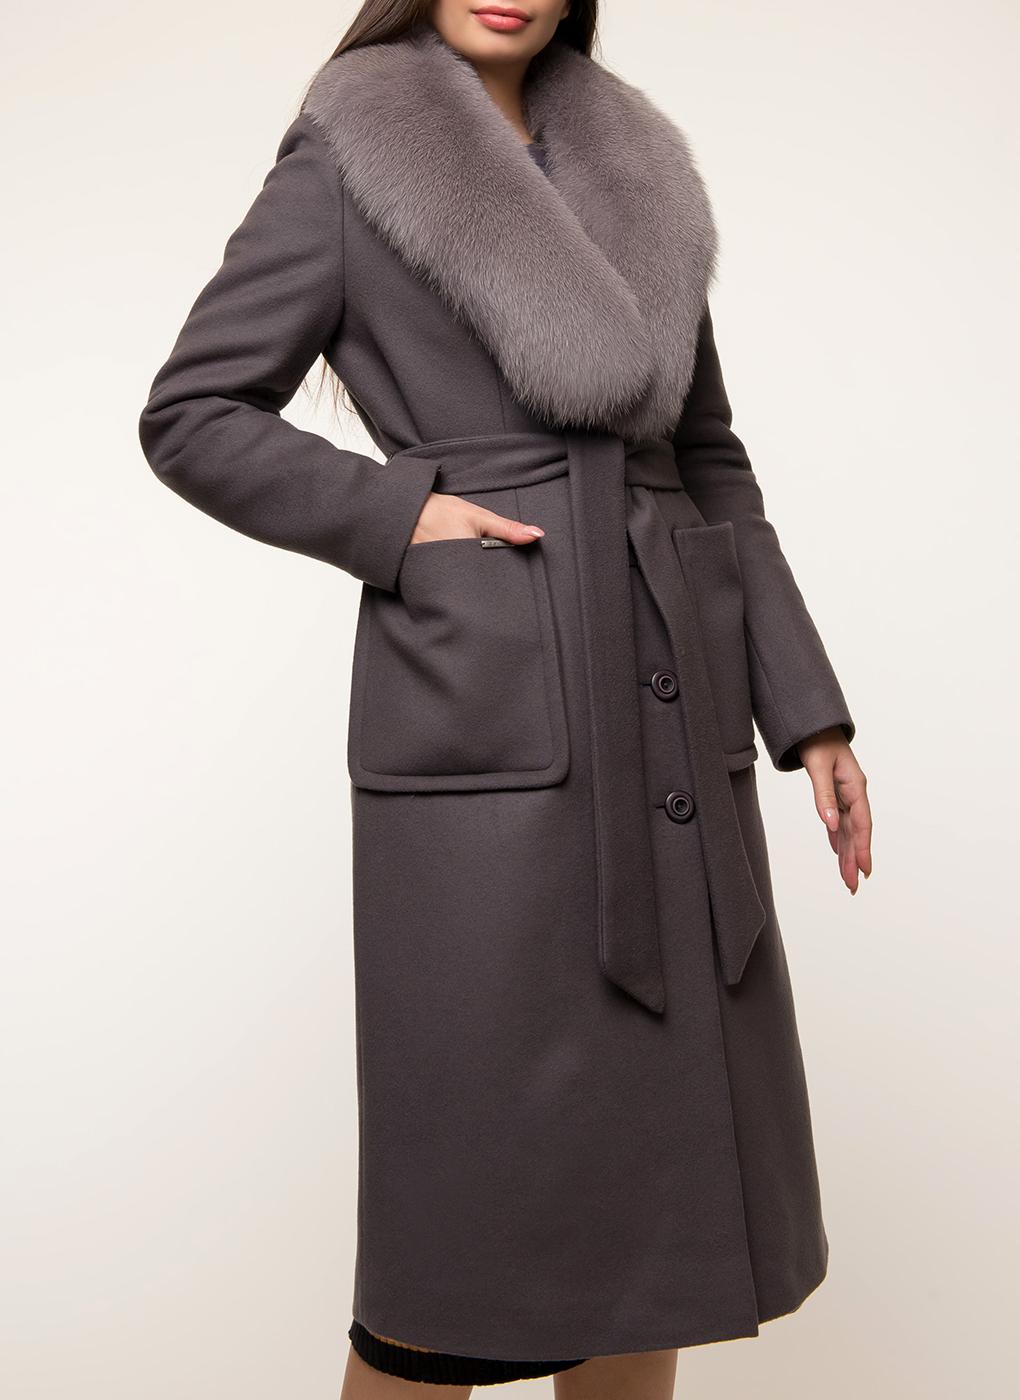 Пальто приталенное шерстяное 29, idekka фото